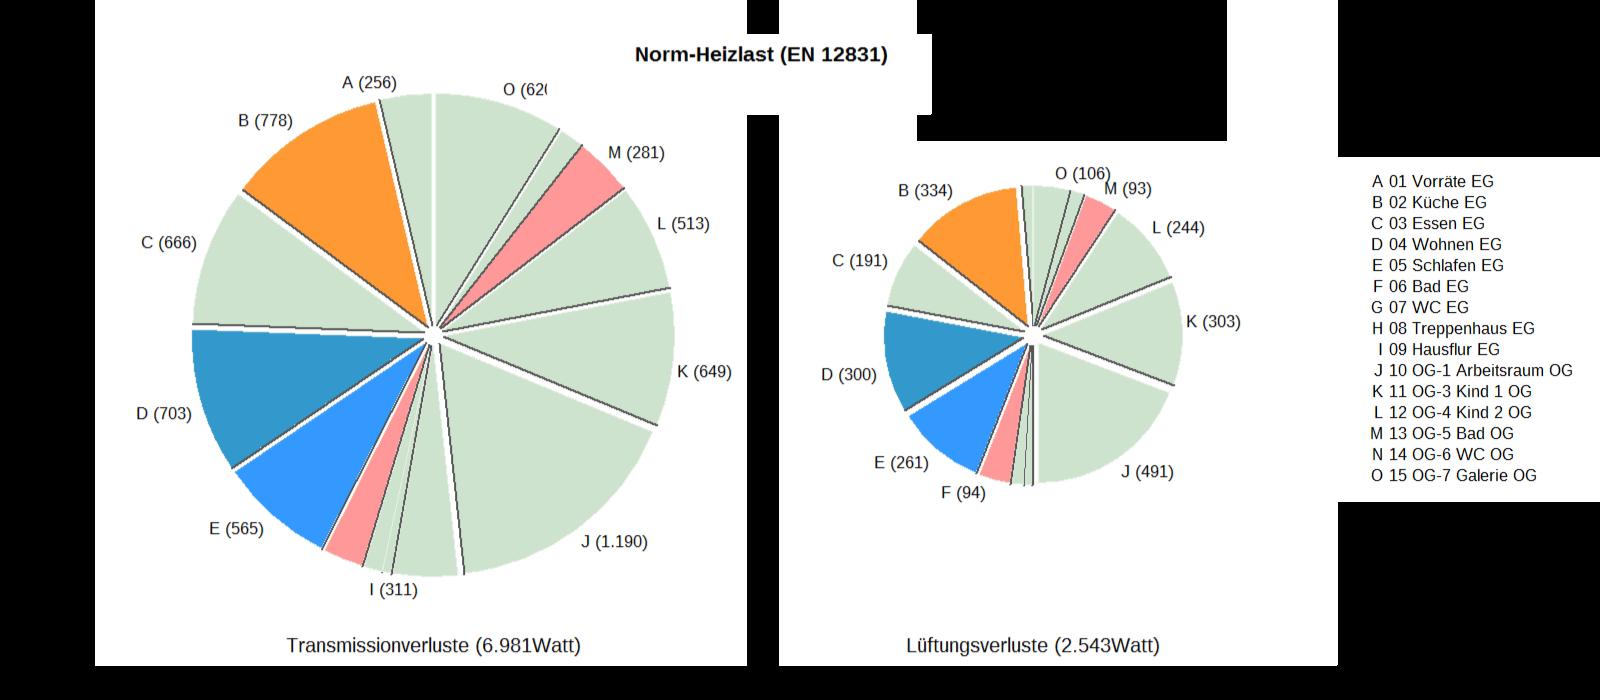 Norm-Heizlast (EN 12831)